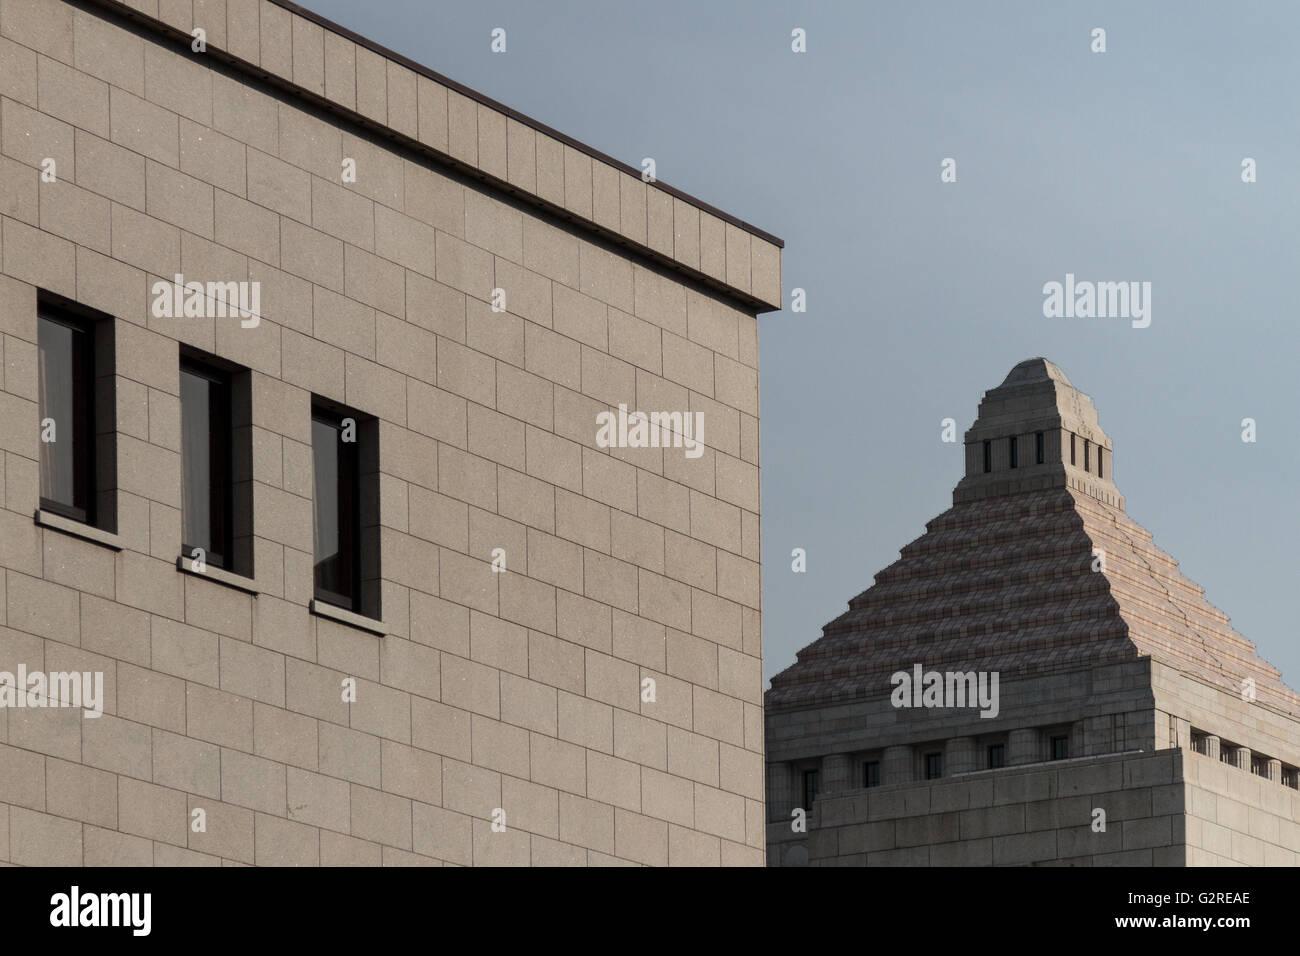 La Dieta (Parlamento japonés), edificio de Nagatacho, Tokio, Japón. Viernes 5 de febrero de 2016 Imagen De Stock